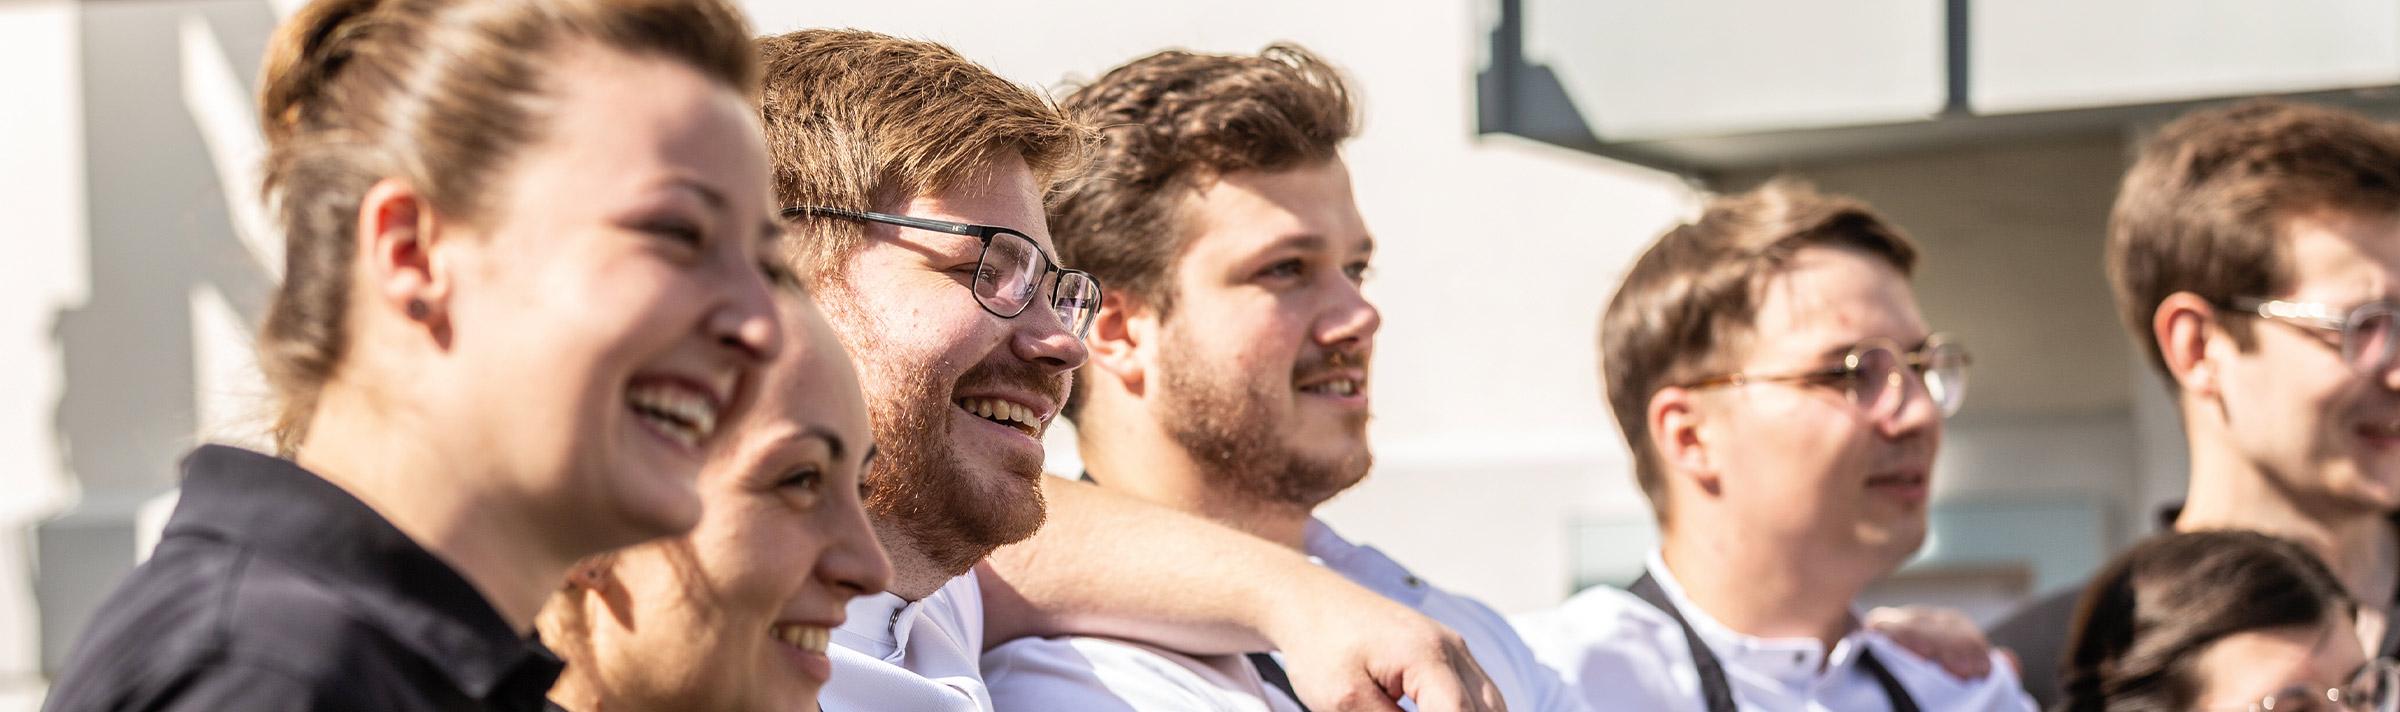 Teamfoto der BOK-Mitarbeiter als Symbolbild: Sommelier/Restaurantfachkraft gesucht